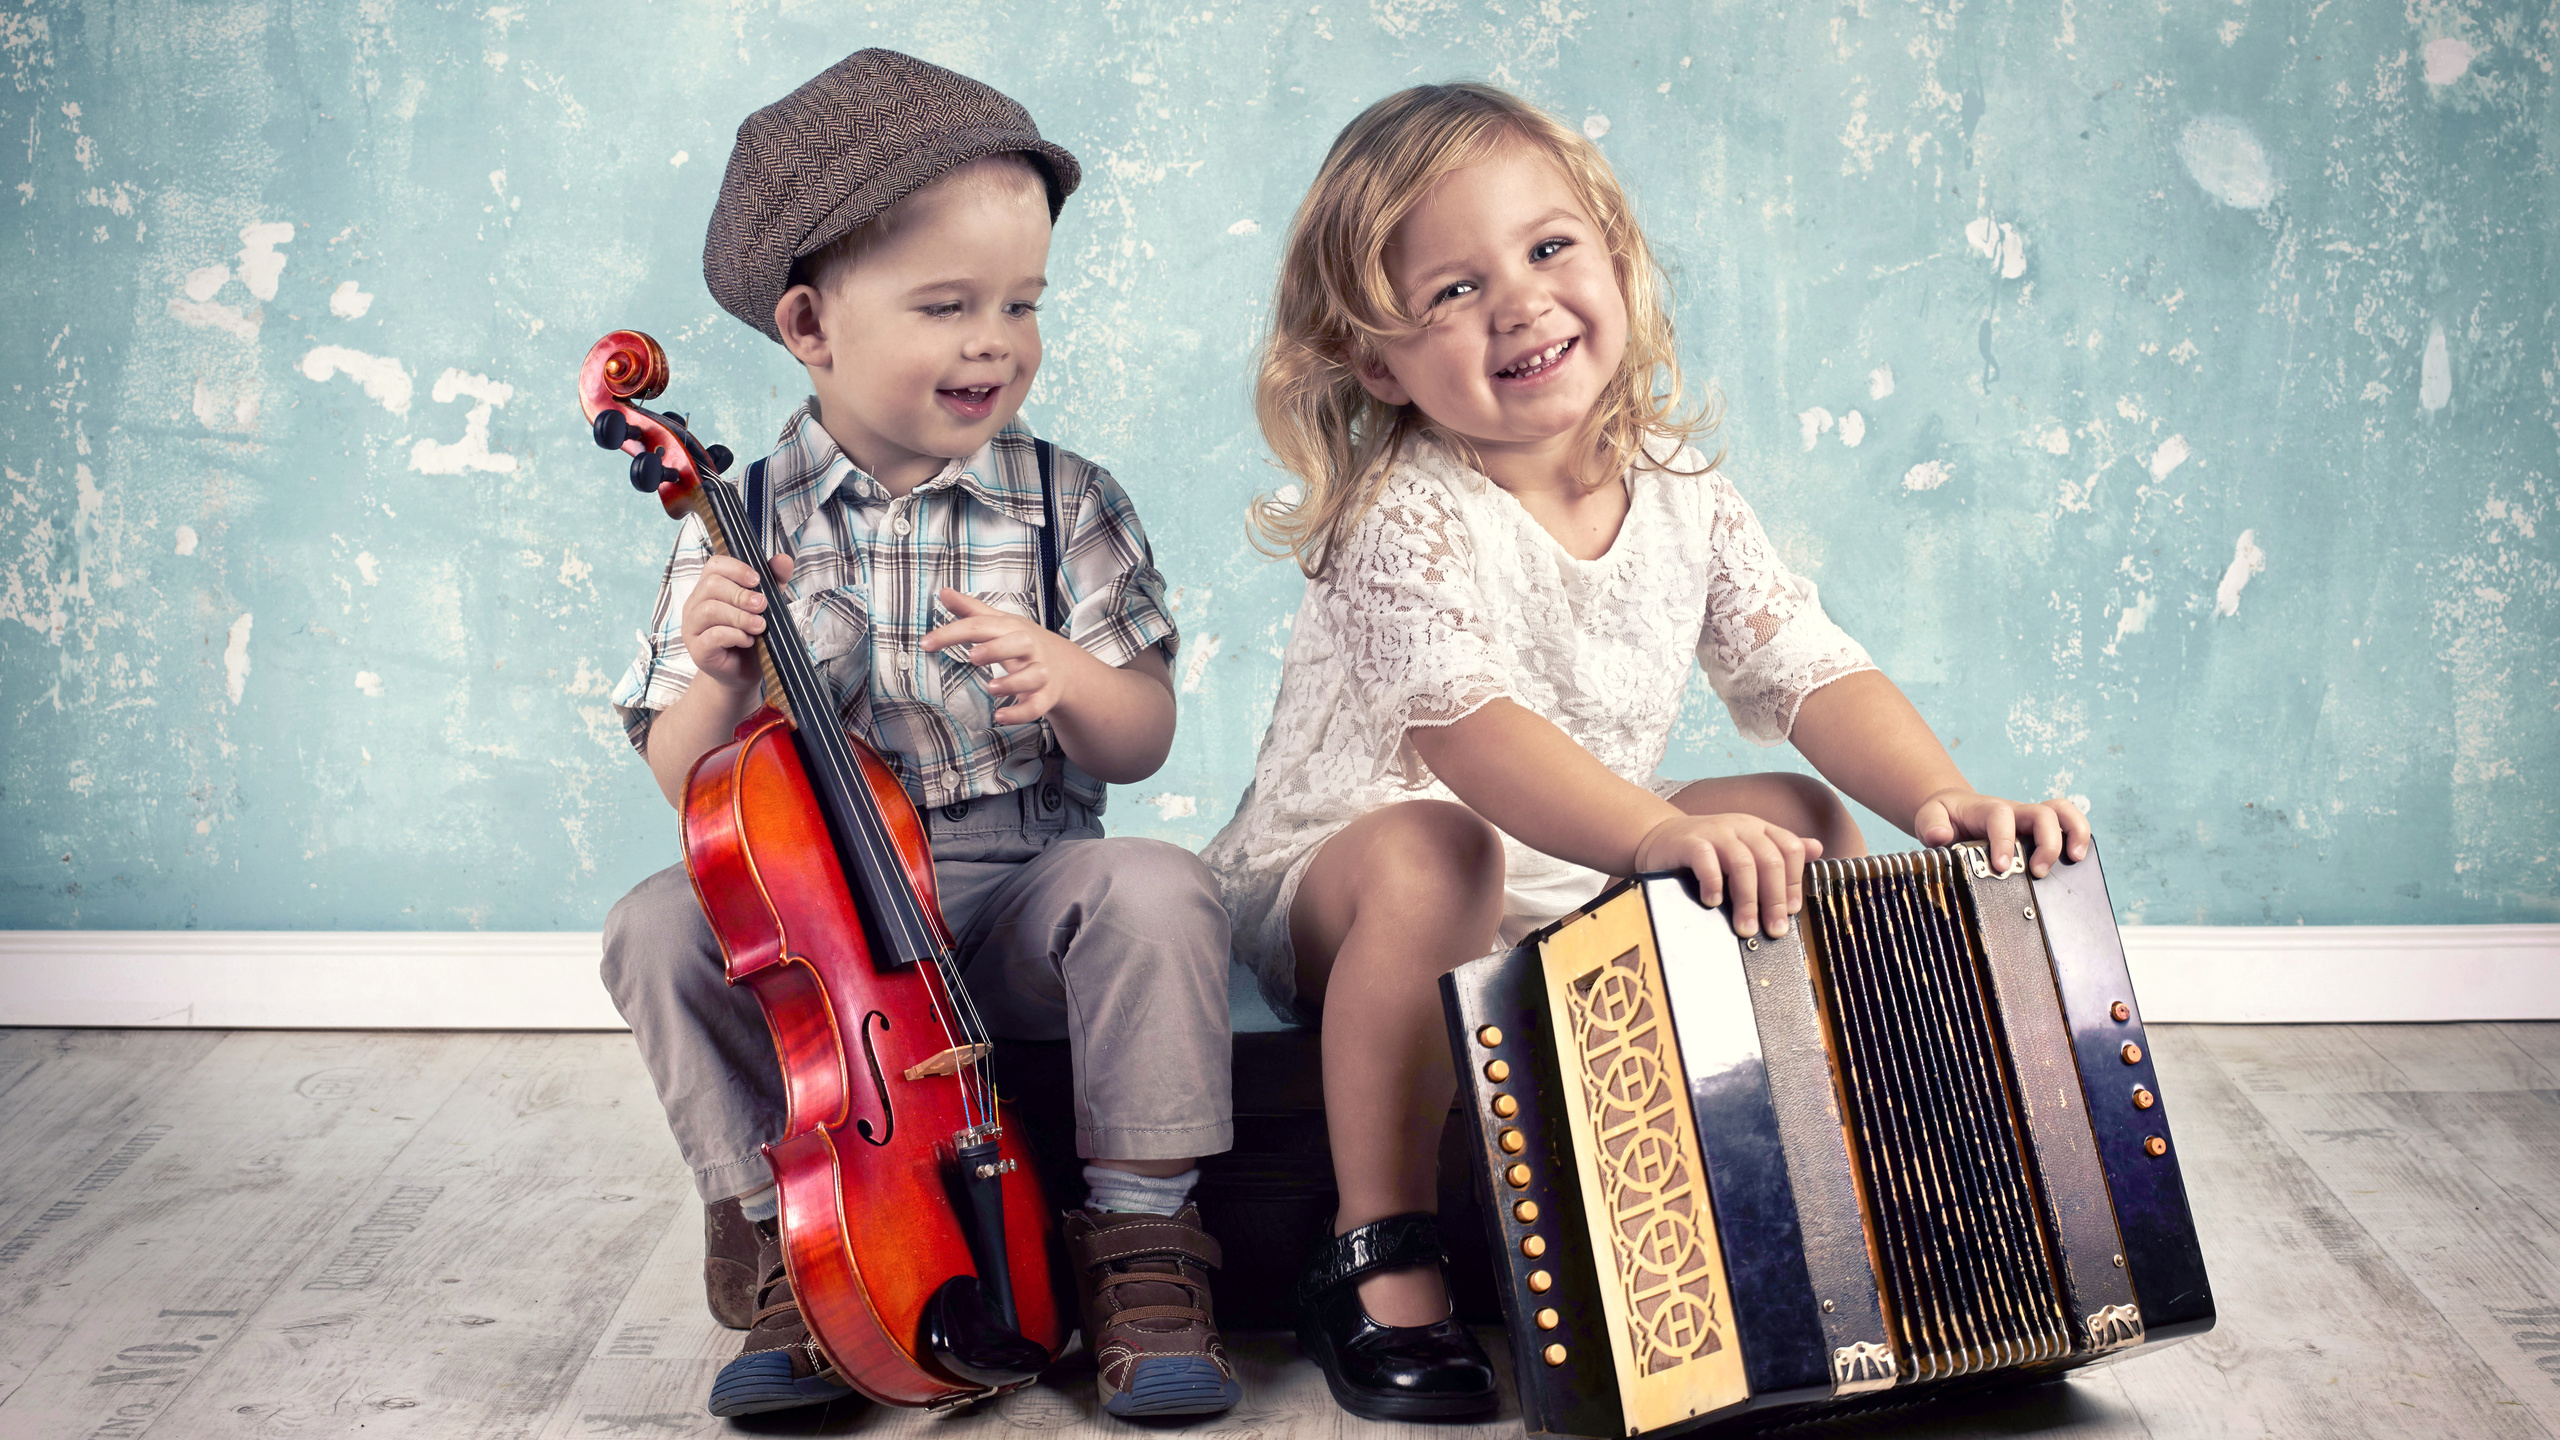 эмодзи картинки с талантливыми детьми субботам халоне проводится